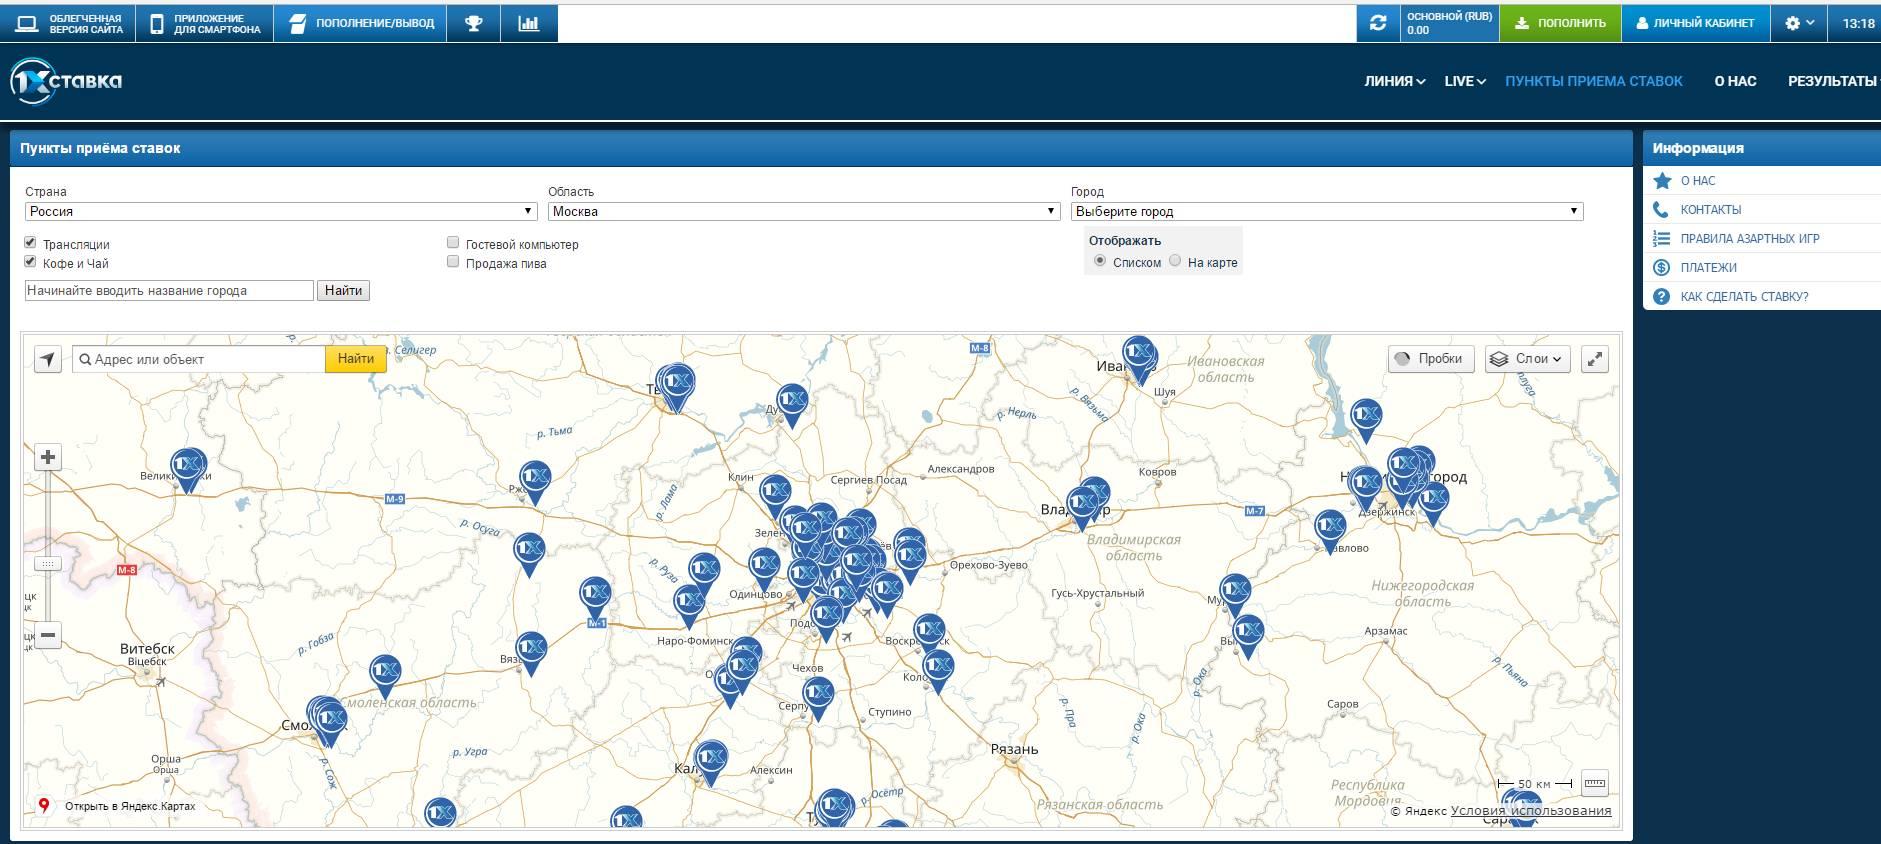 Выбор пунктов приема ставок на карте в Вашем городе